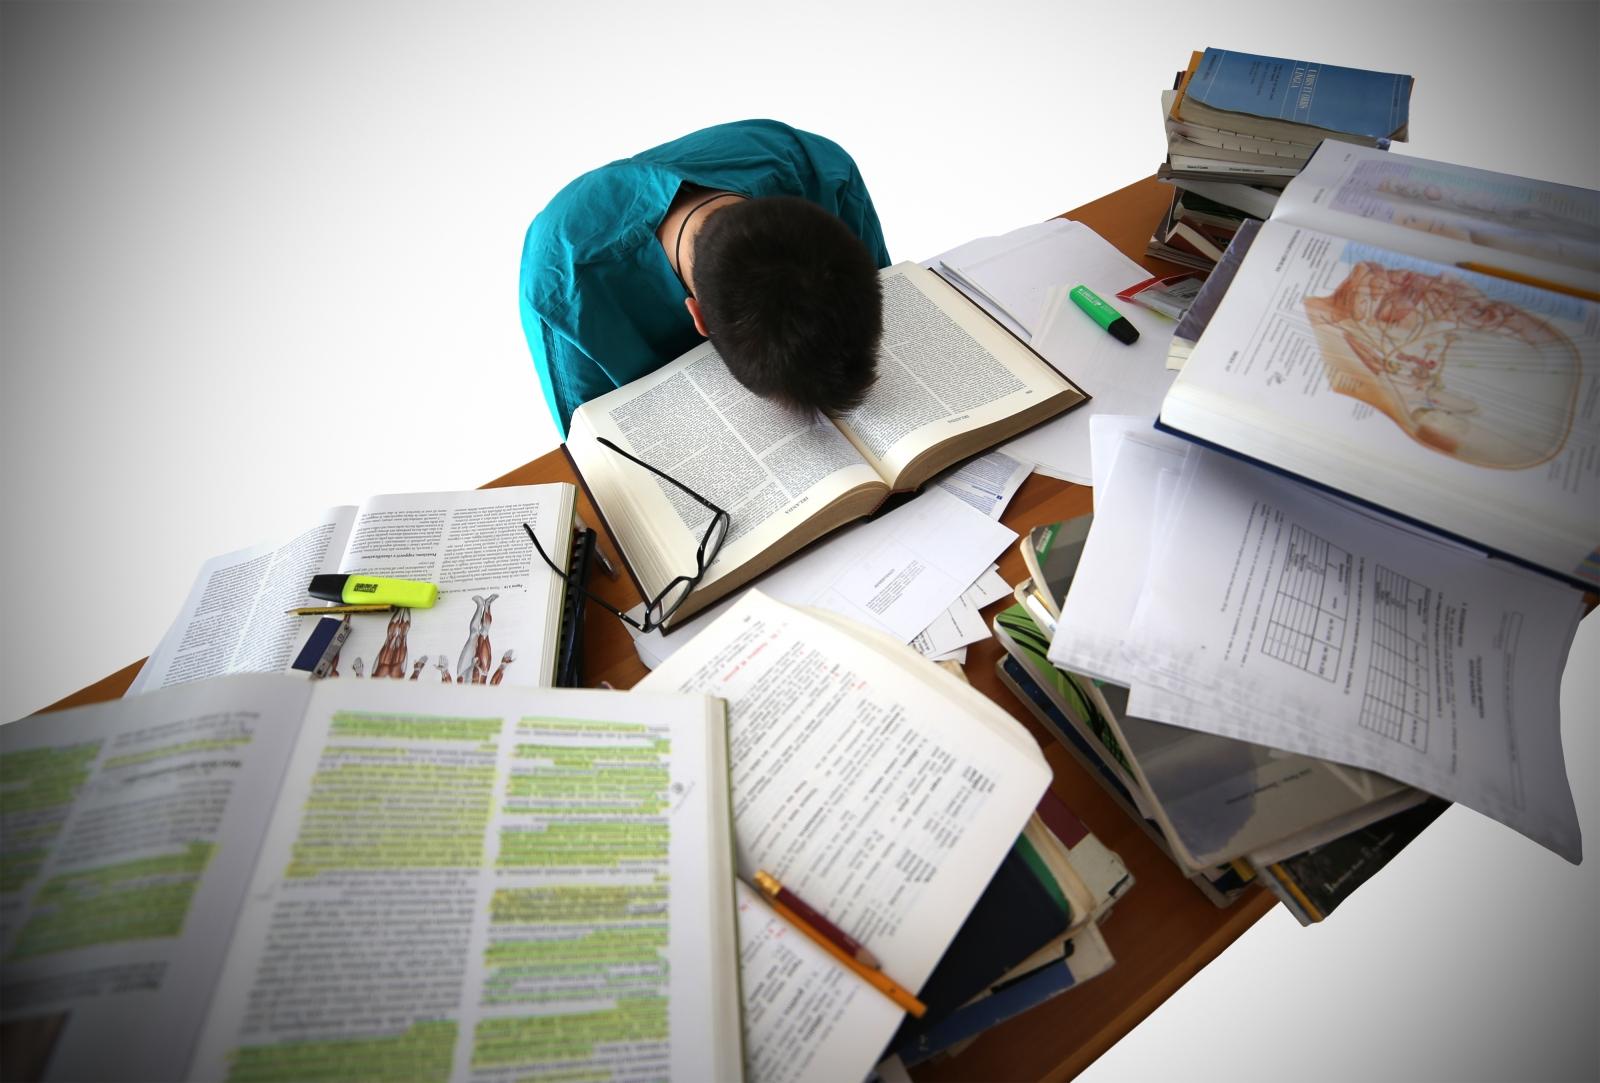 انگیزه ی درس خواندن ندارم چه کنم؟